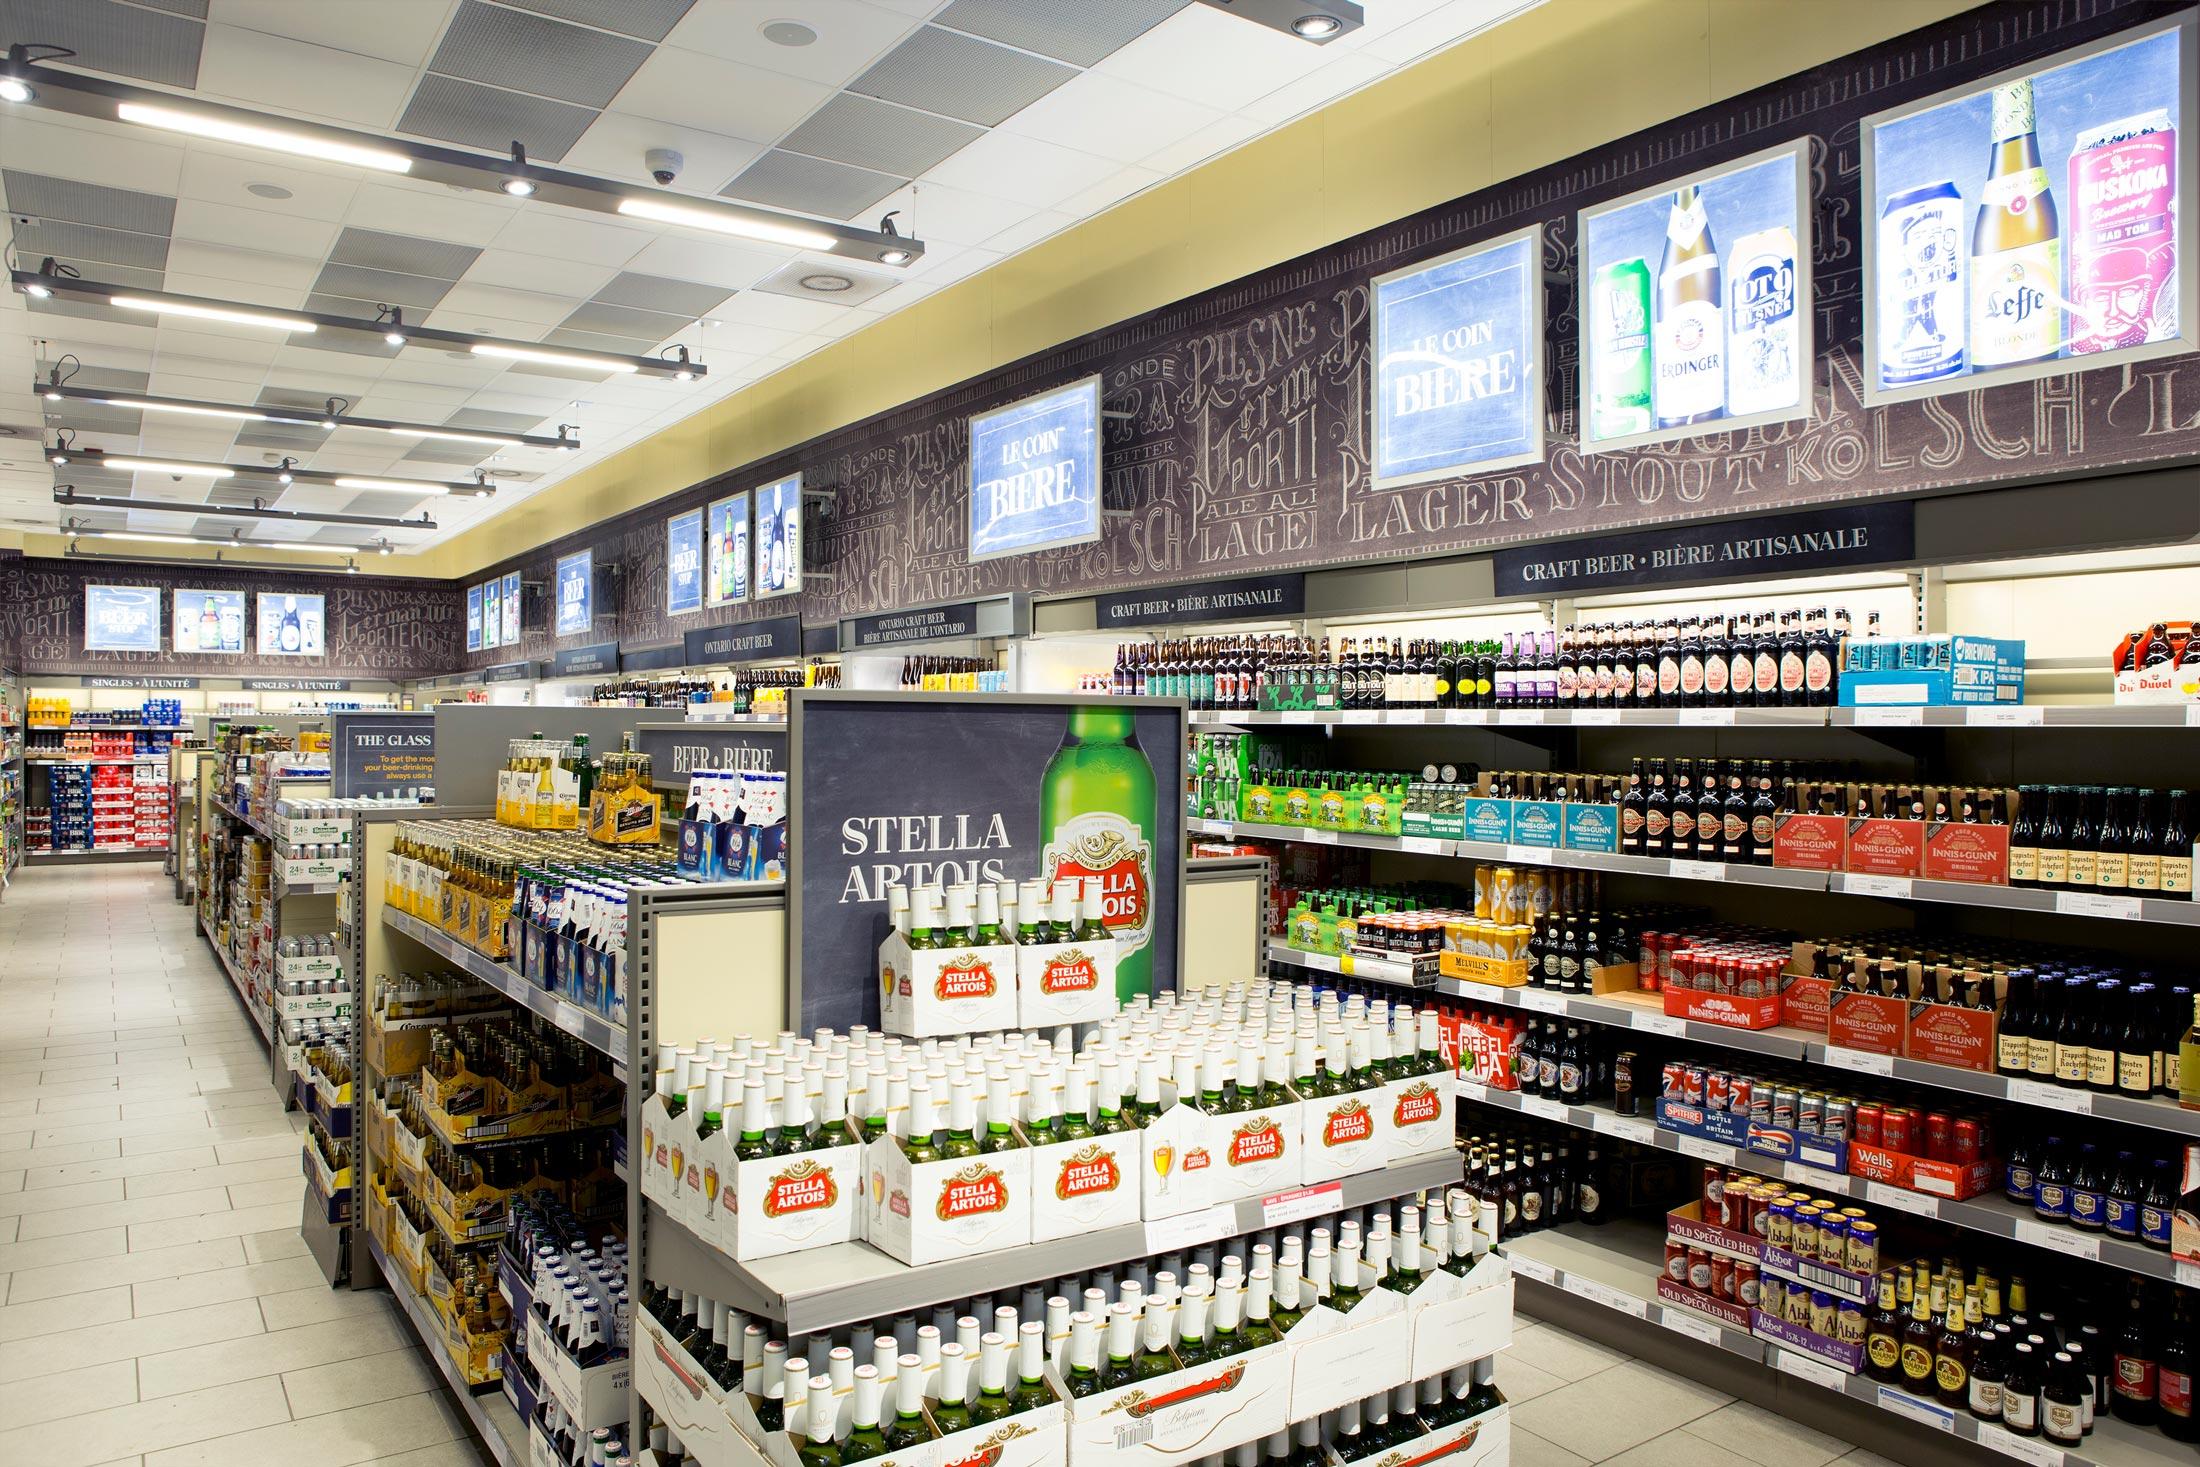 lcbo-beer-cold-room-store-pop-sputnik-design-partners-toronto.jpg